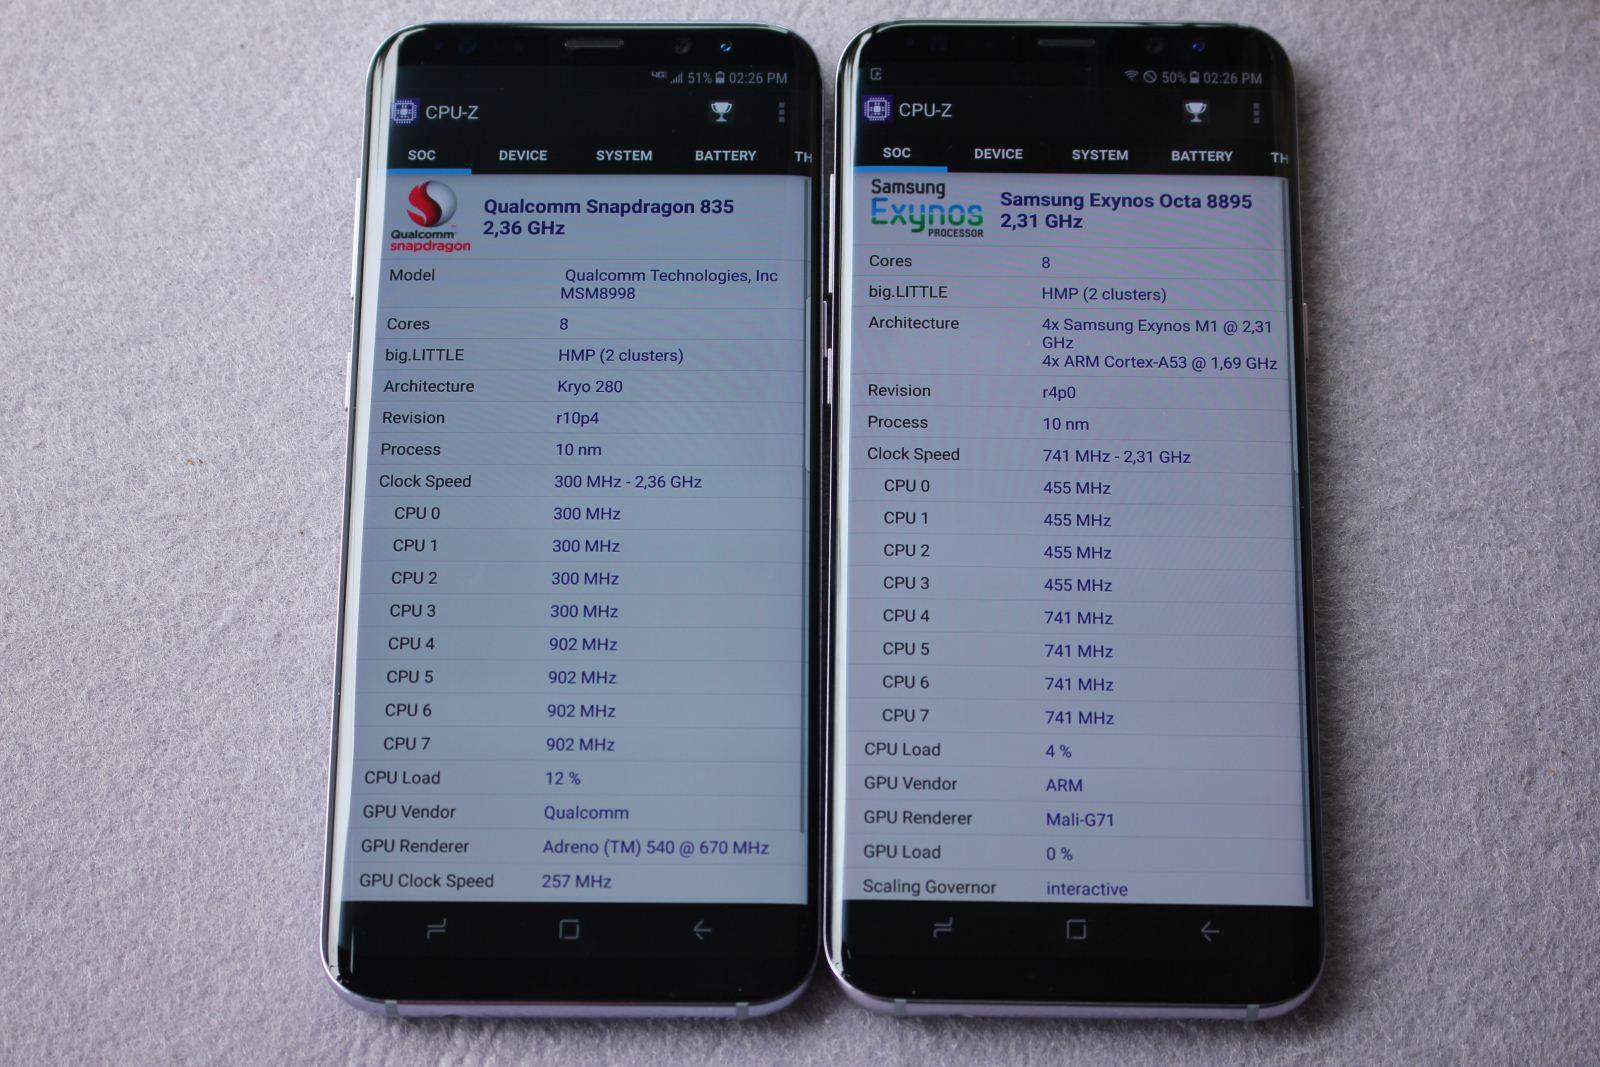 Kiểm tra thông tin phần cứng, phần mềm của các điện thoại xách tay